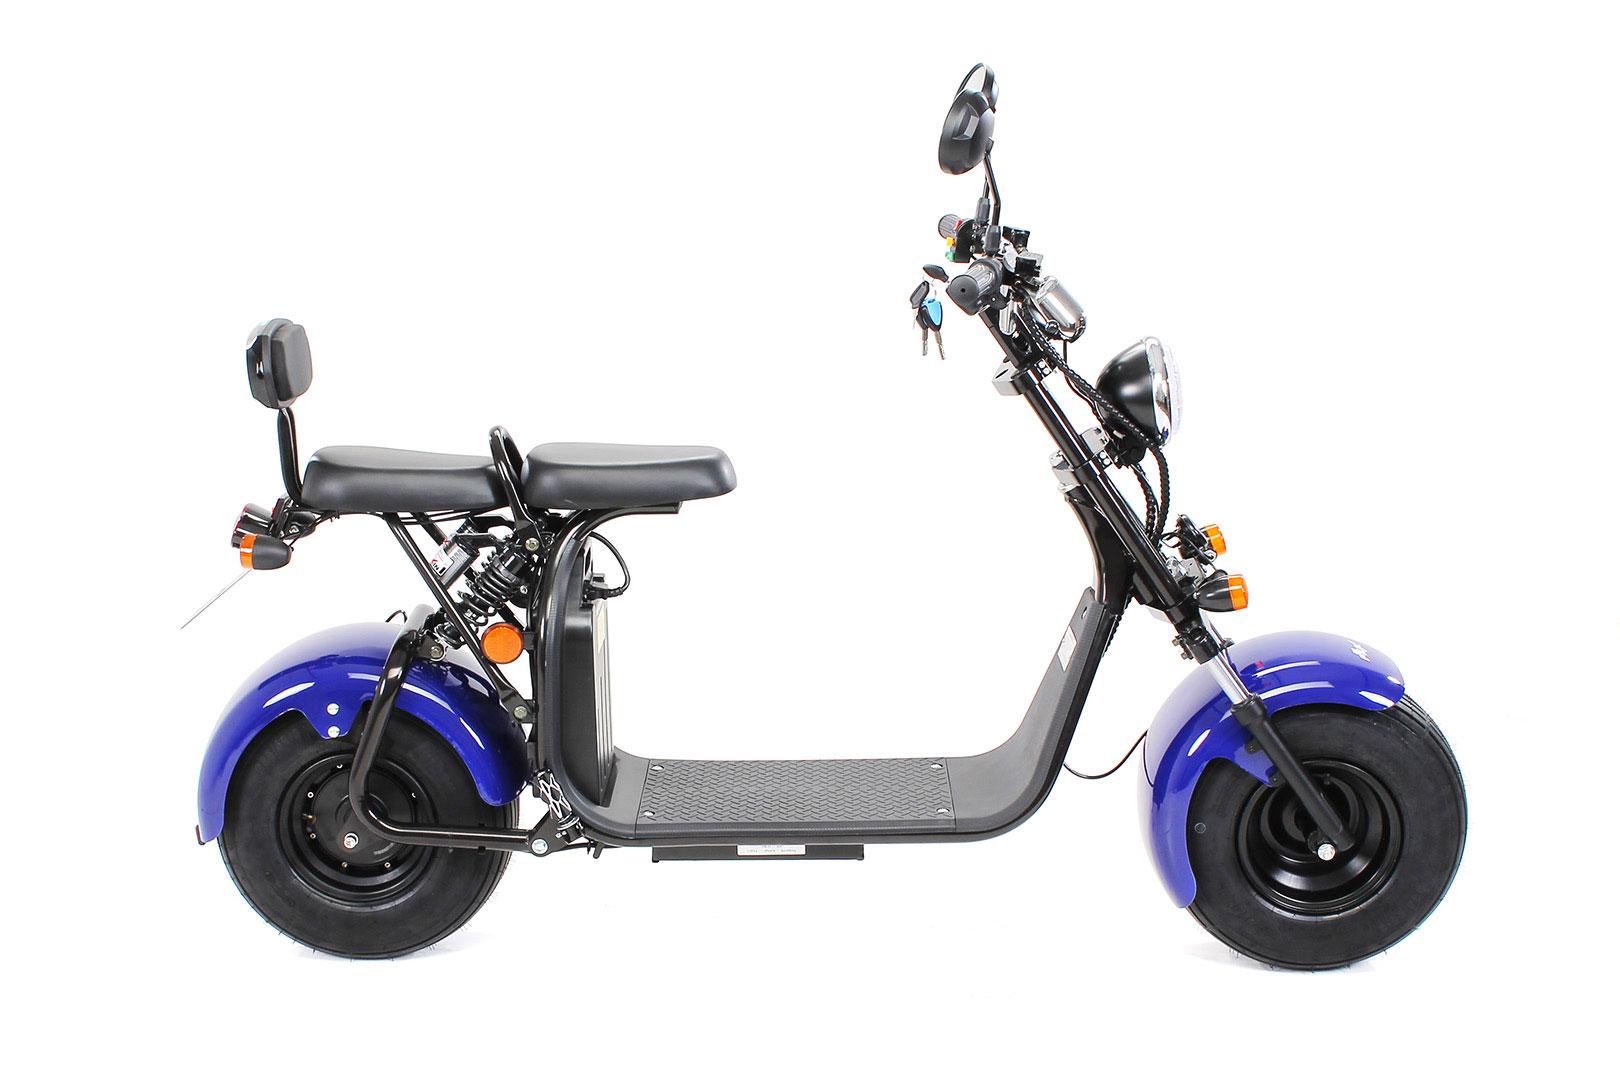 Elektroroller edi Chopper Harley Two 1500W blau Bild 8